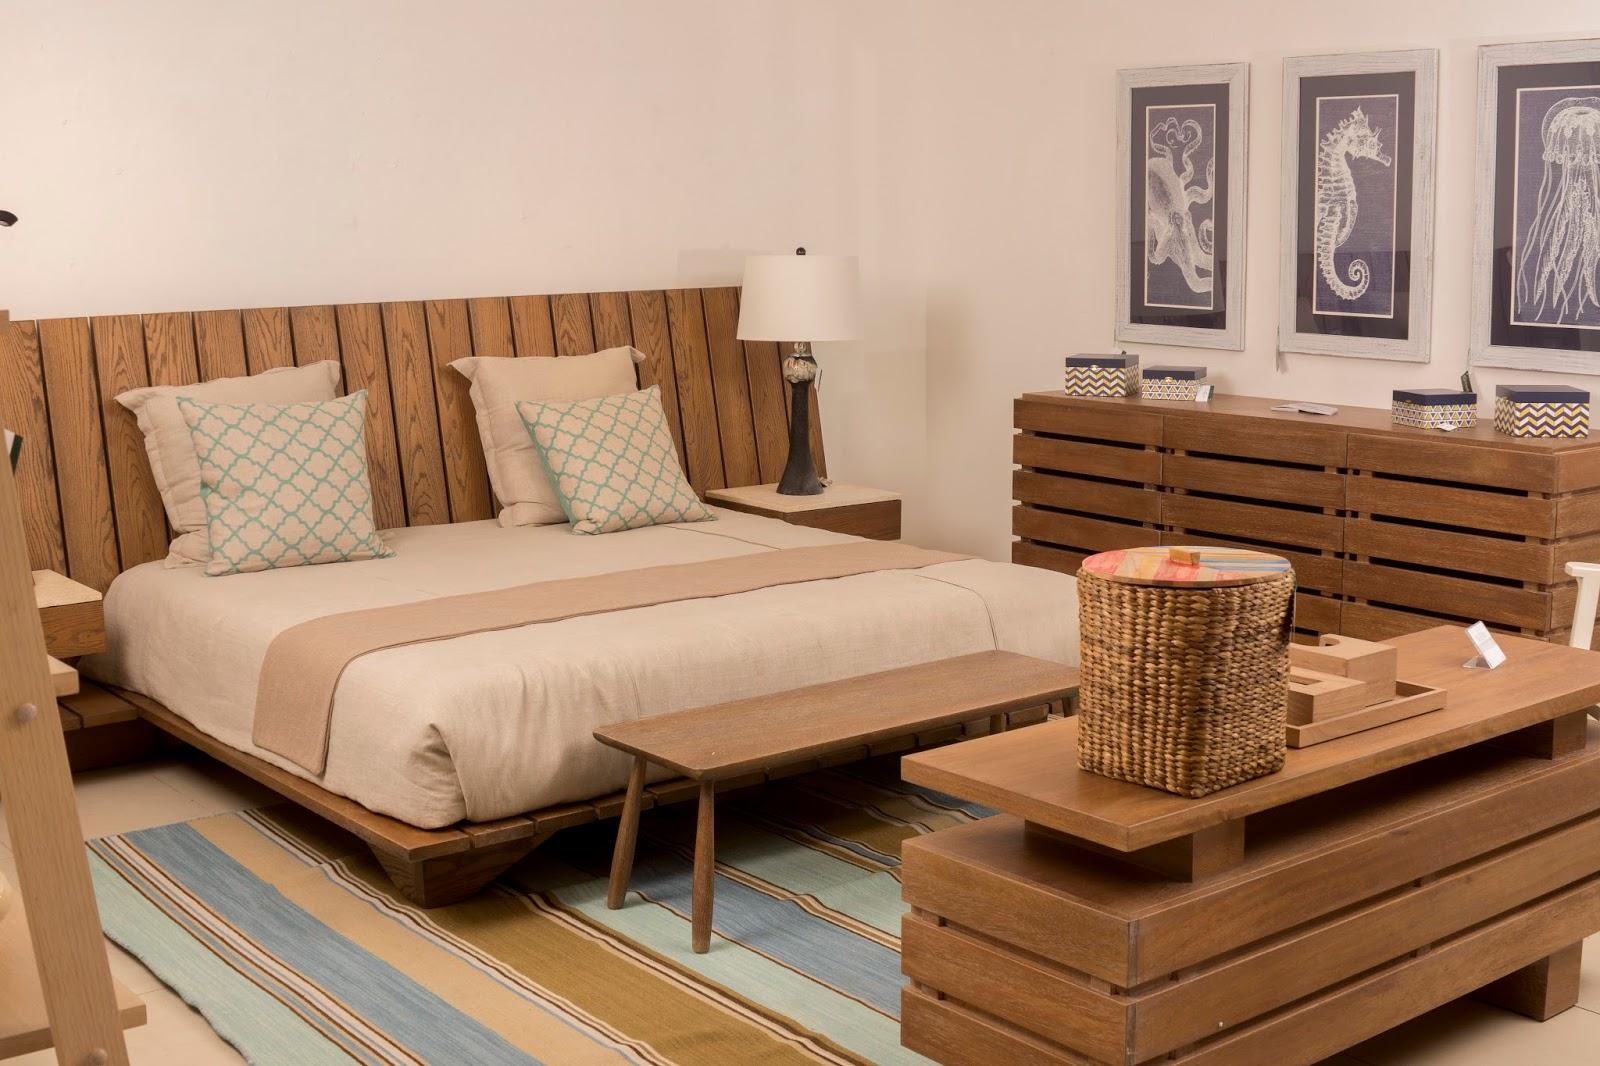 Muebles Merida Idea Creativa Della Casa E Dell Interior Design # Muebles Merida Yucatan